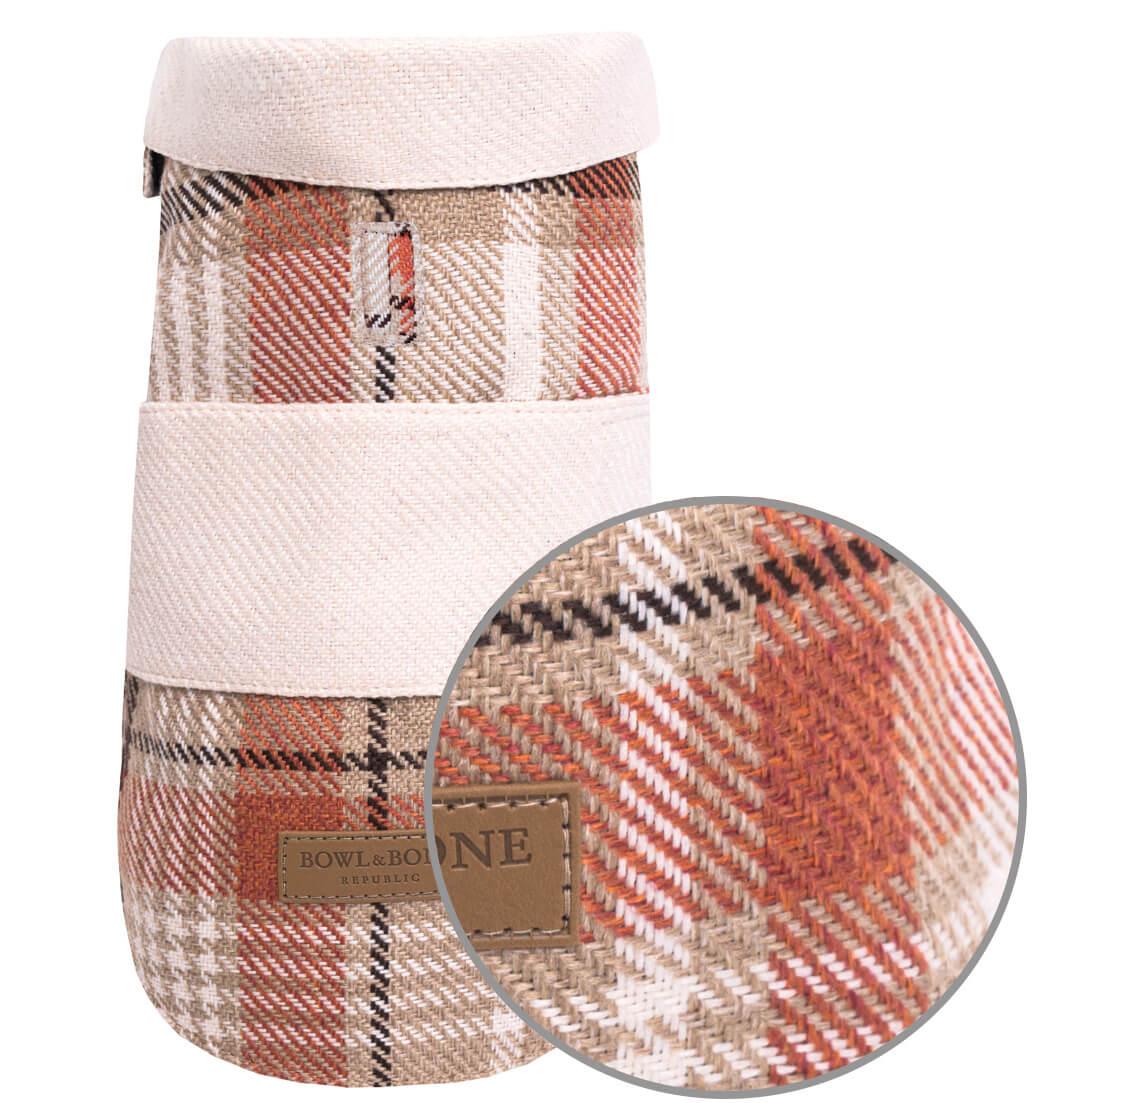 dog coat leaf orange cream bowlandbonerepublic magnifier